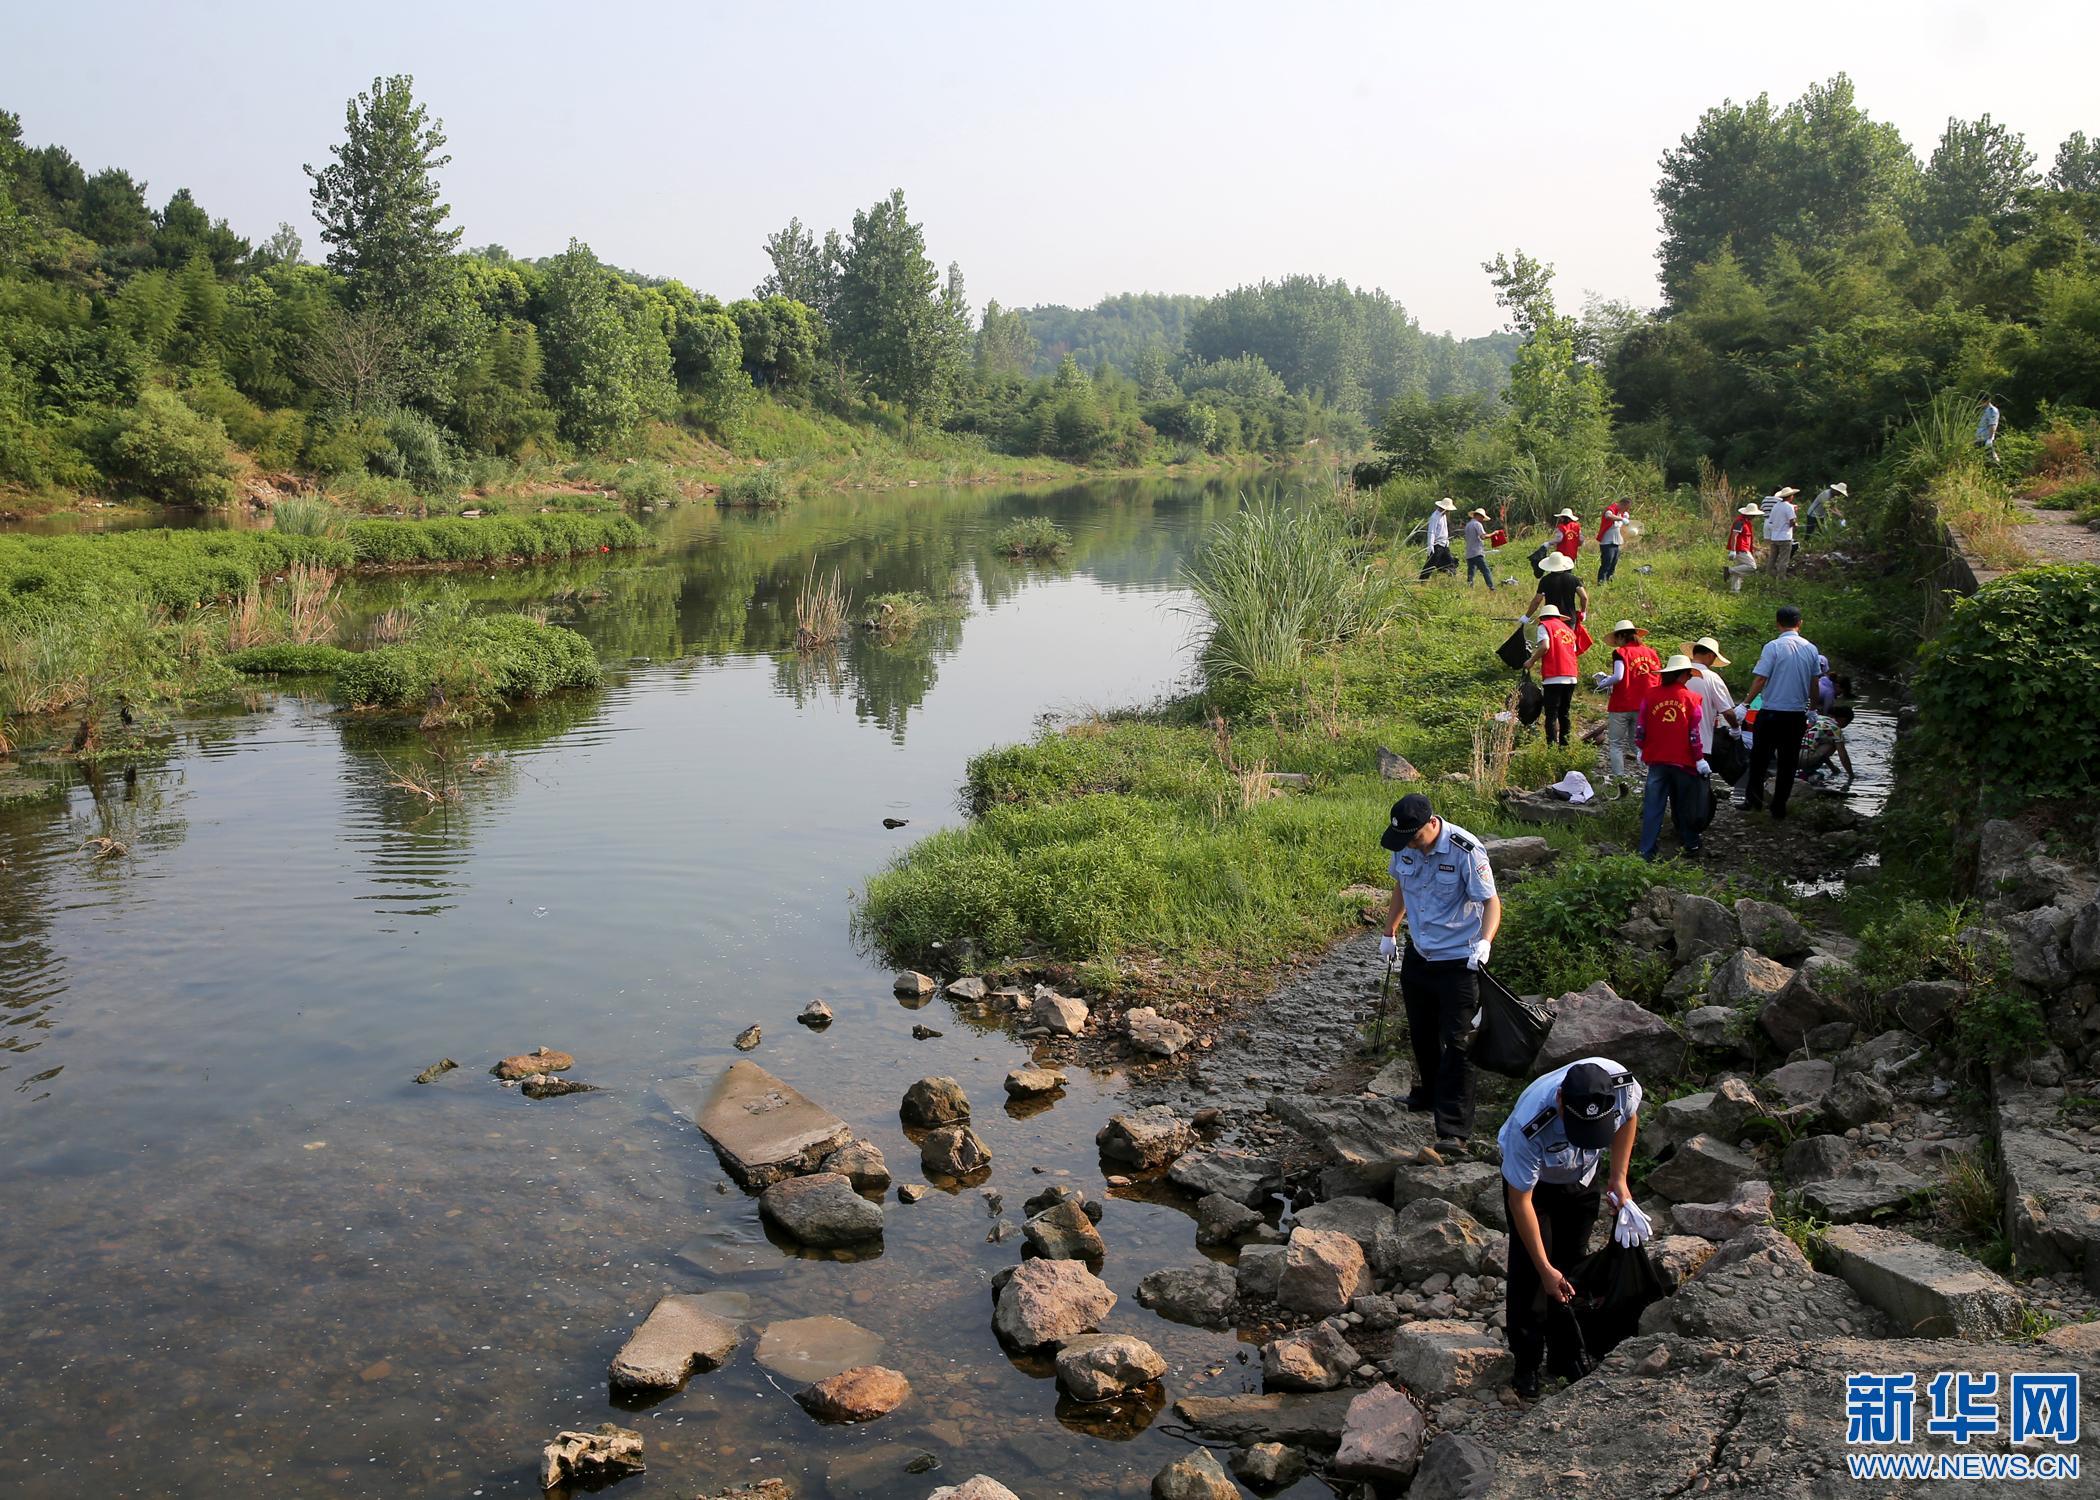 [网络媒体走转改]安吉:五长巡河找短板 拉高标杆优生态